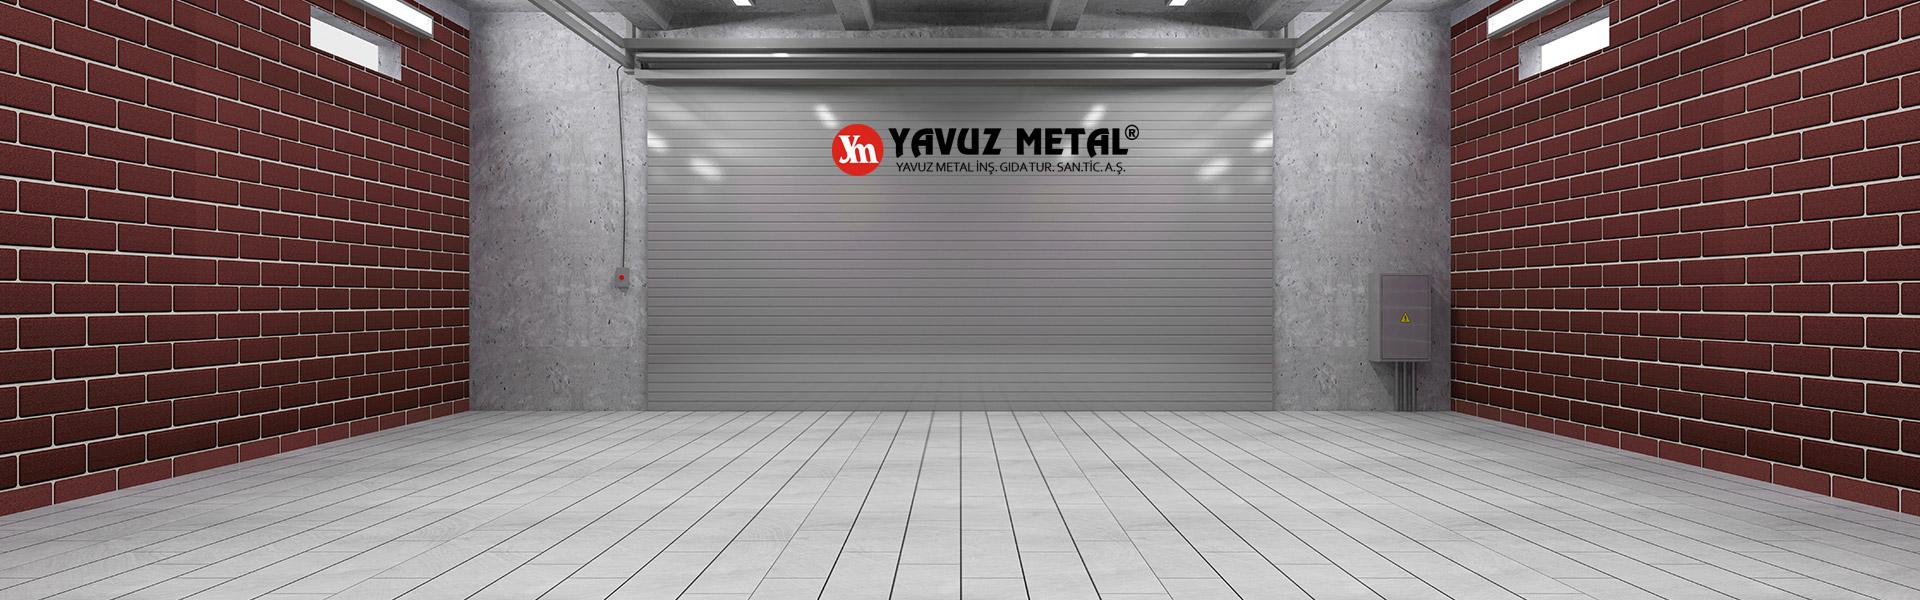 slider-otomatik-kepenk-yavuz-metal